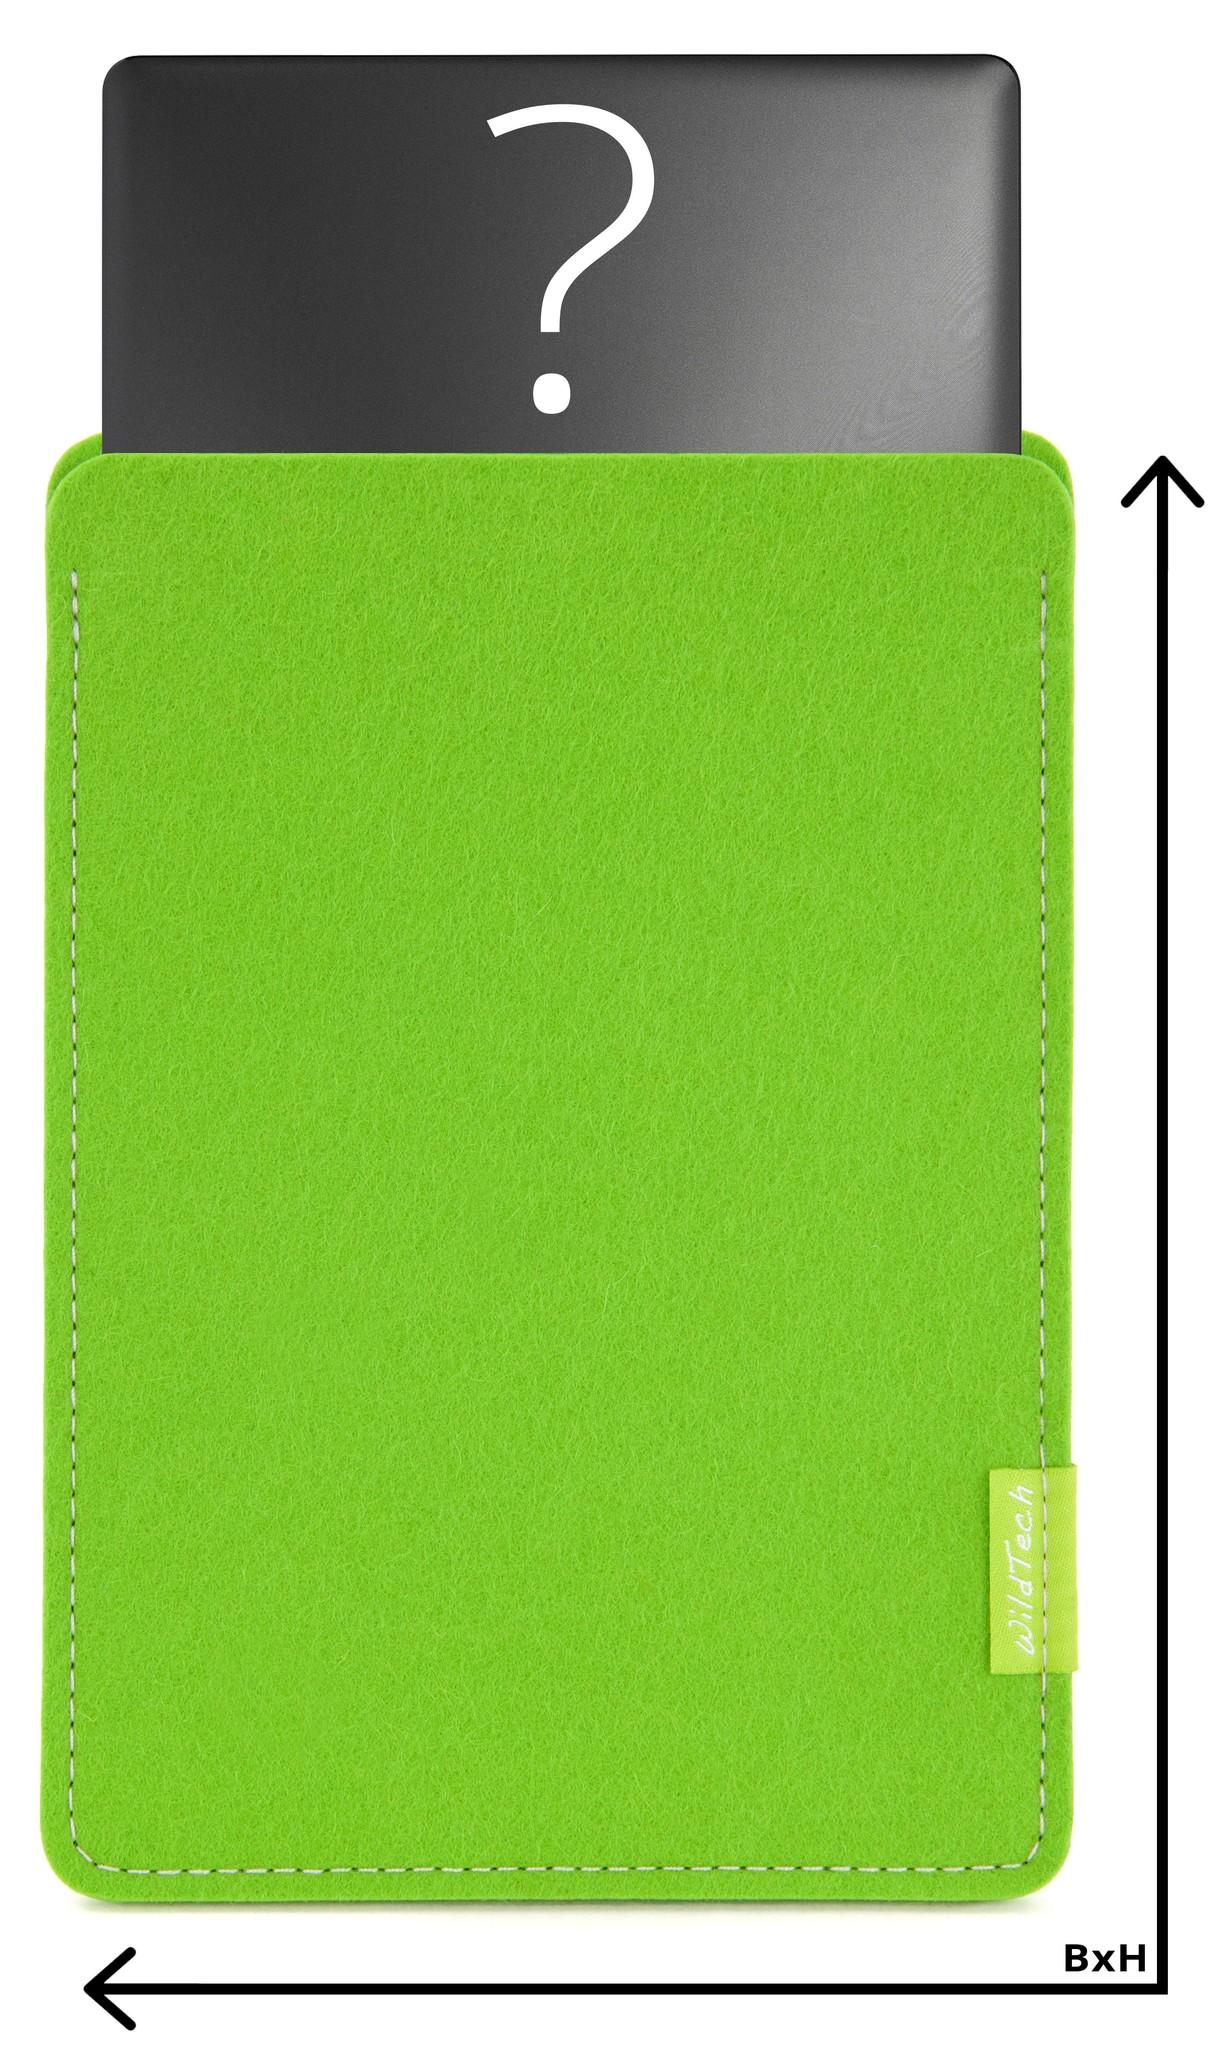 Individuelles Notebook Sleeve Maigrün-1